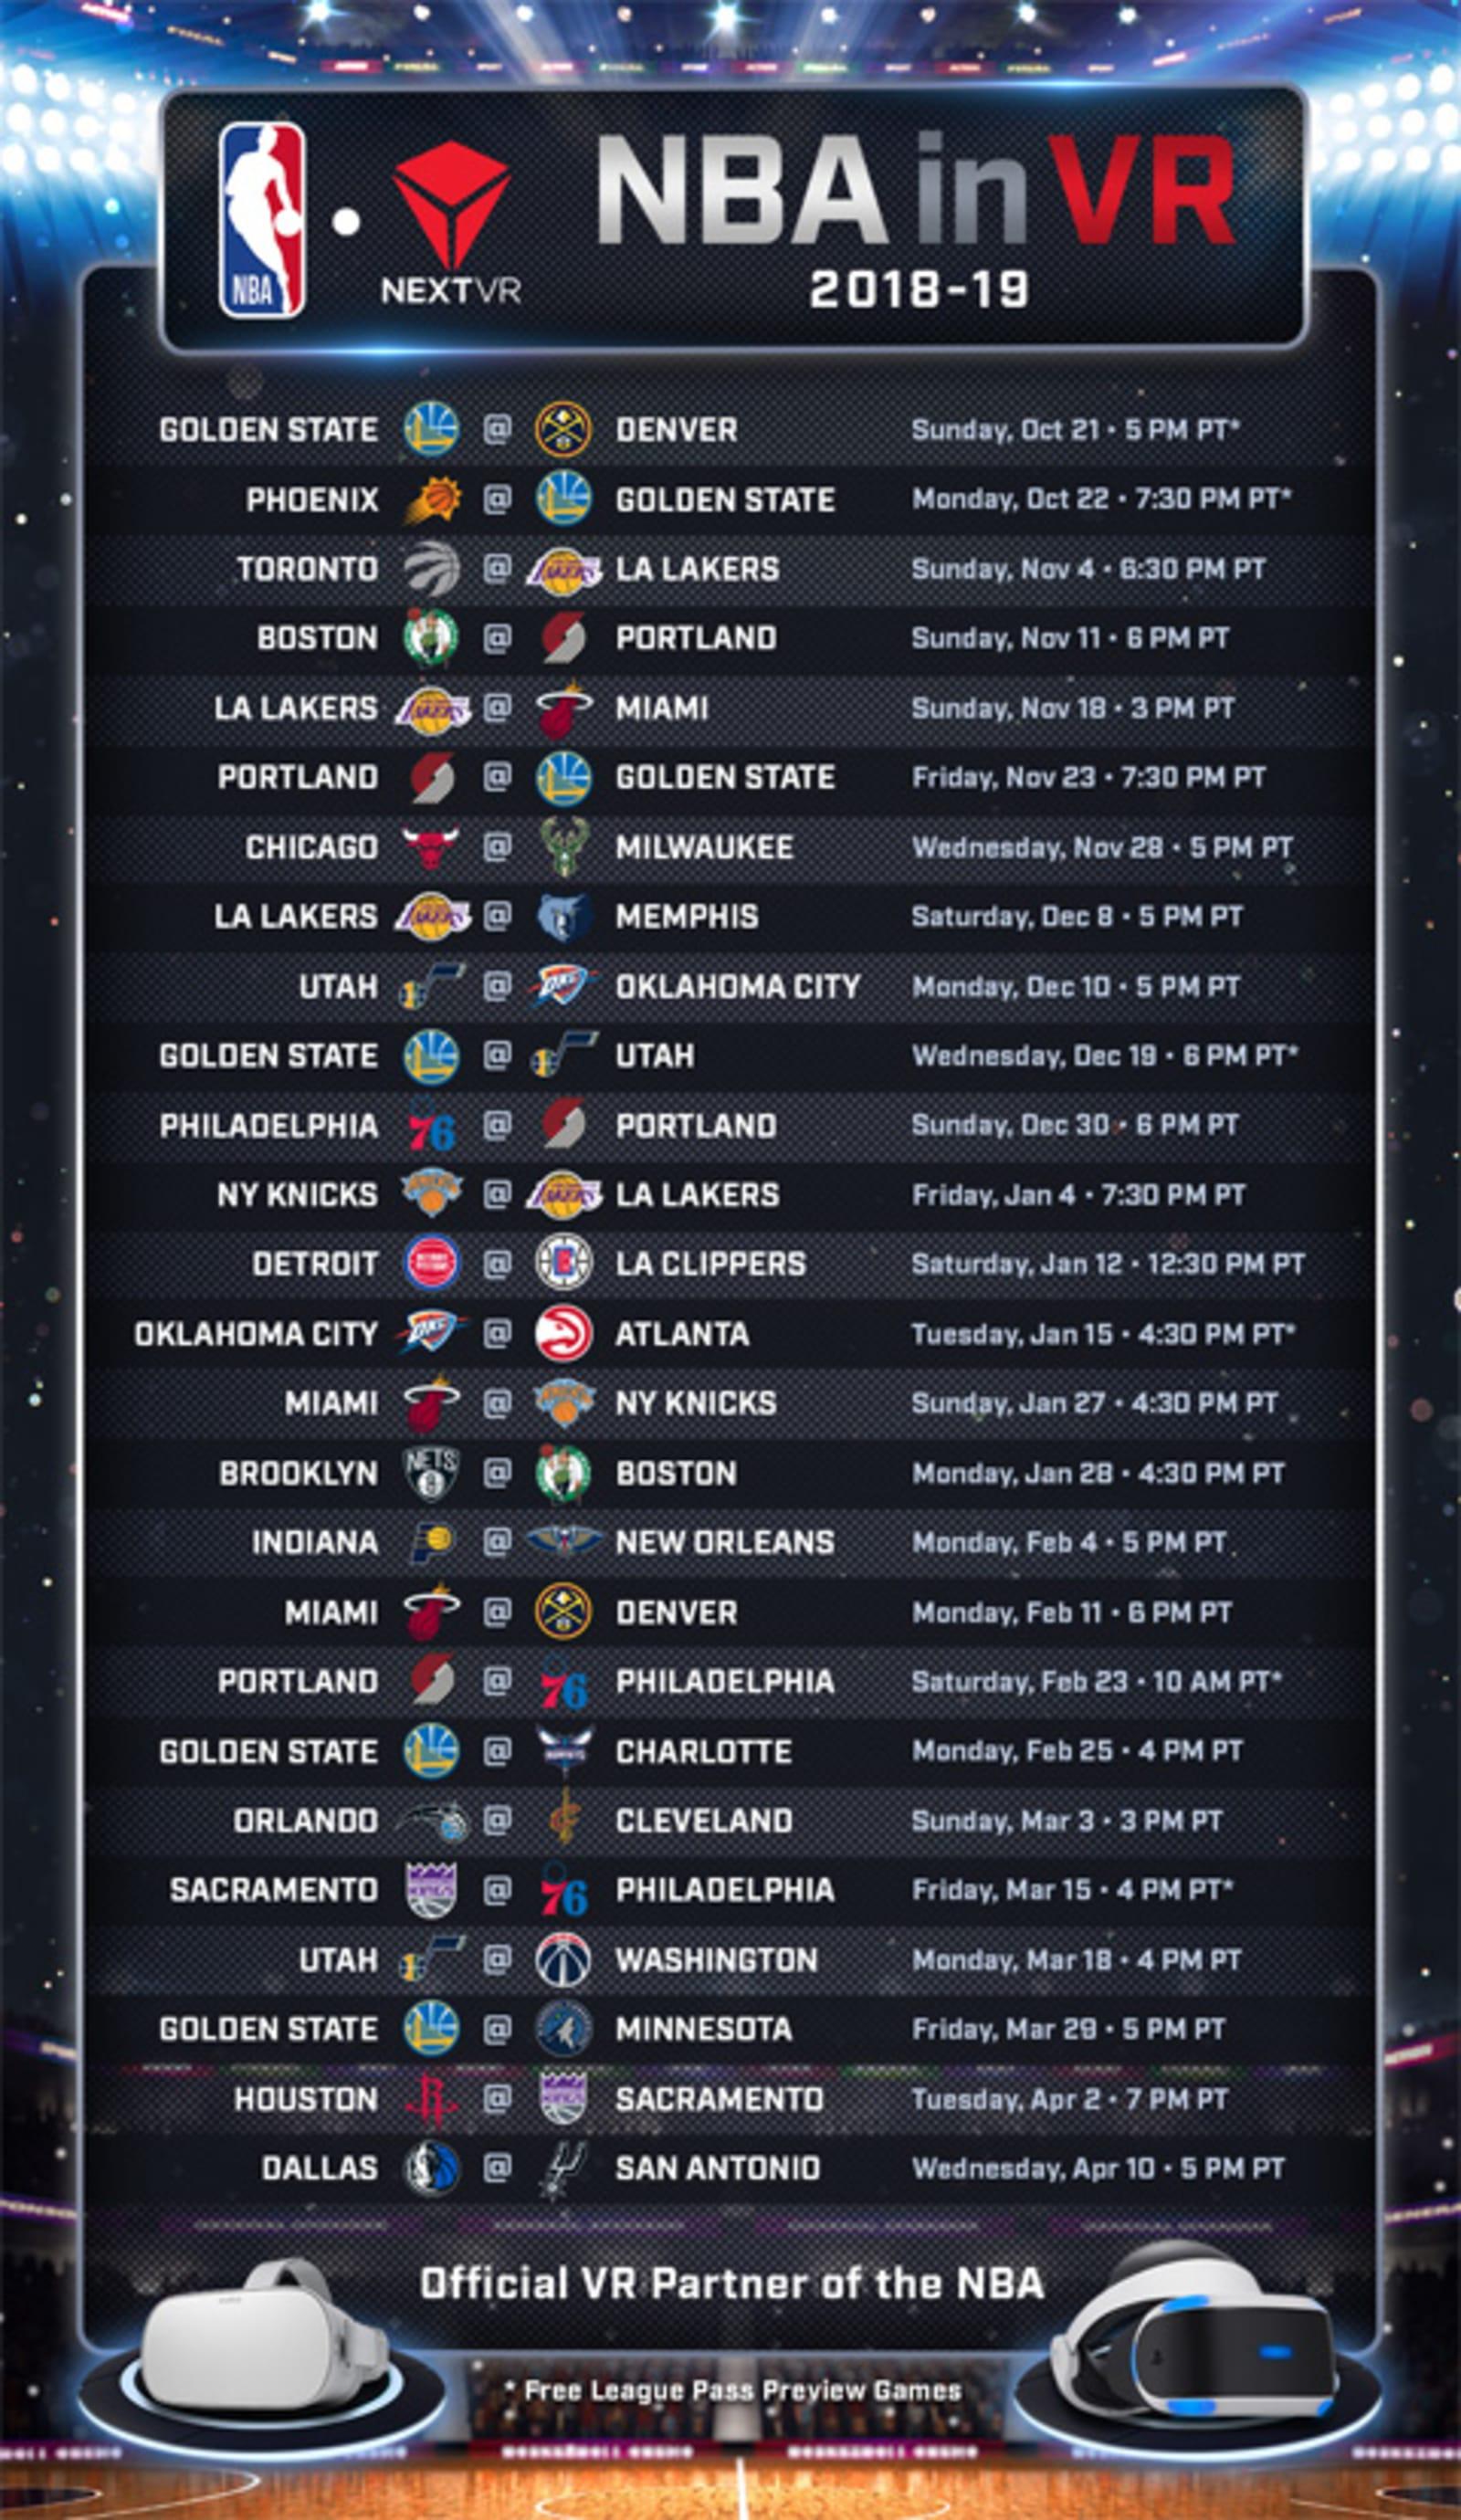 NBA League Pass 2018-2019 VR schedule